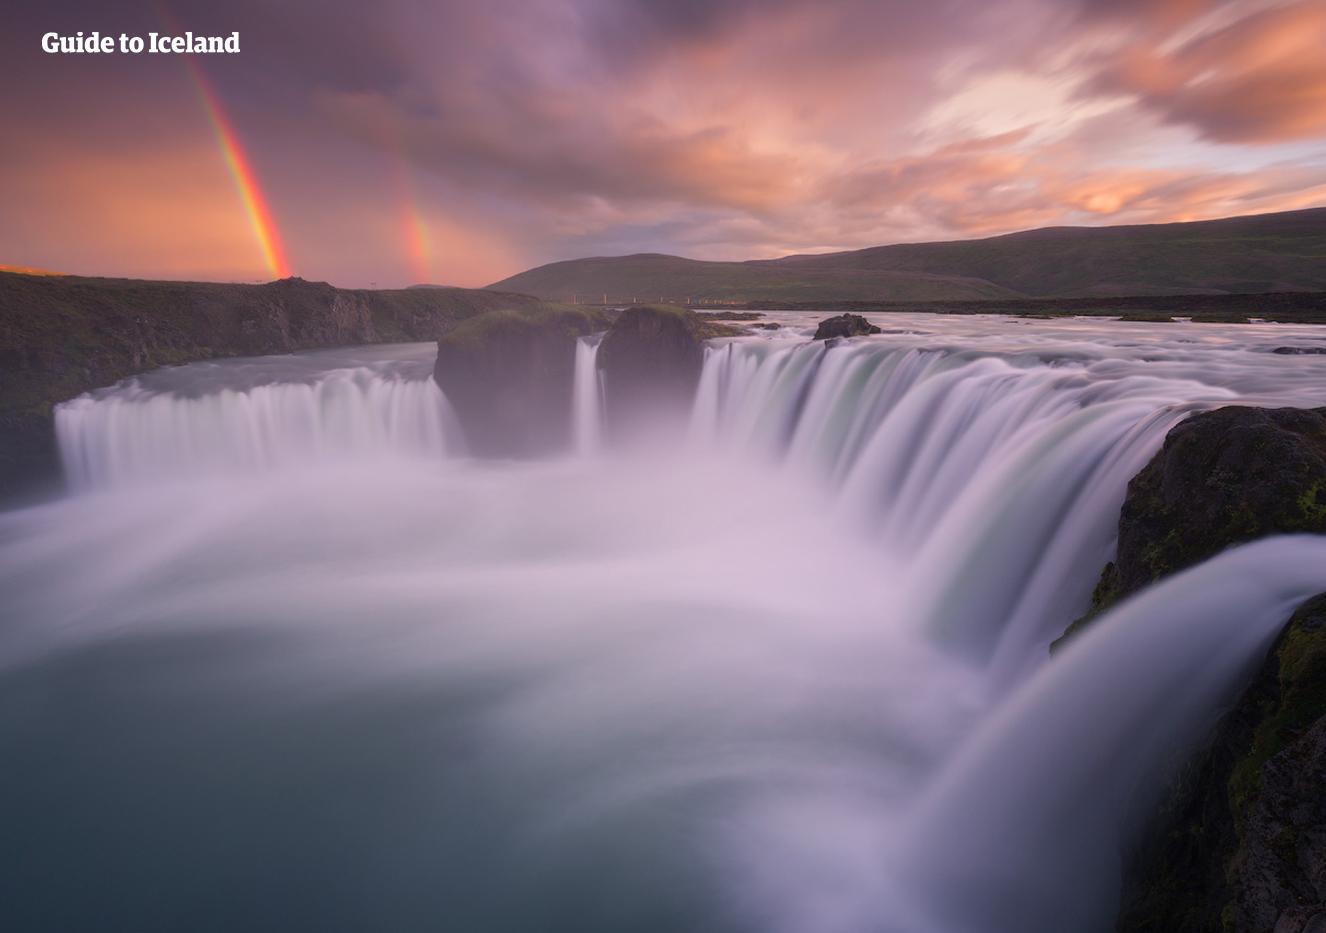 7-дневный зимний автотур | Золотое кольцо и Северная Исландия - day 4